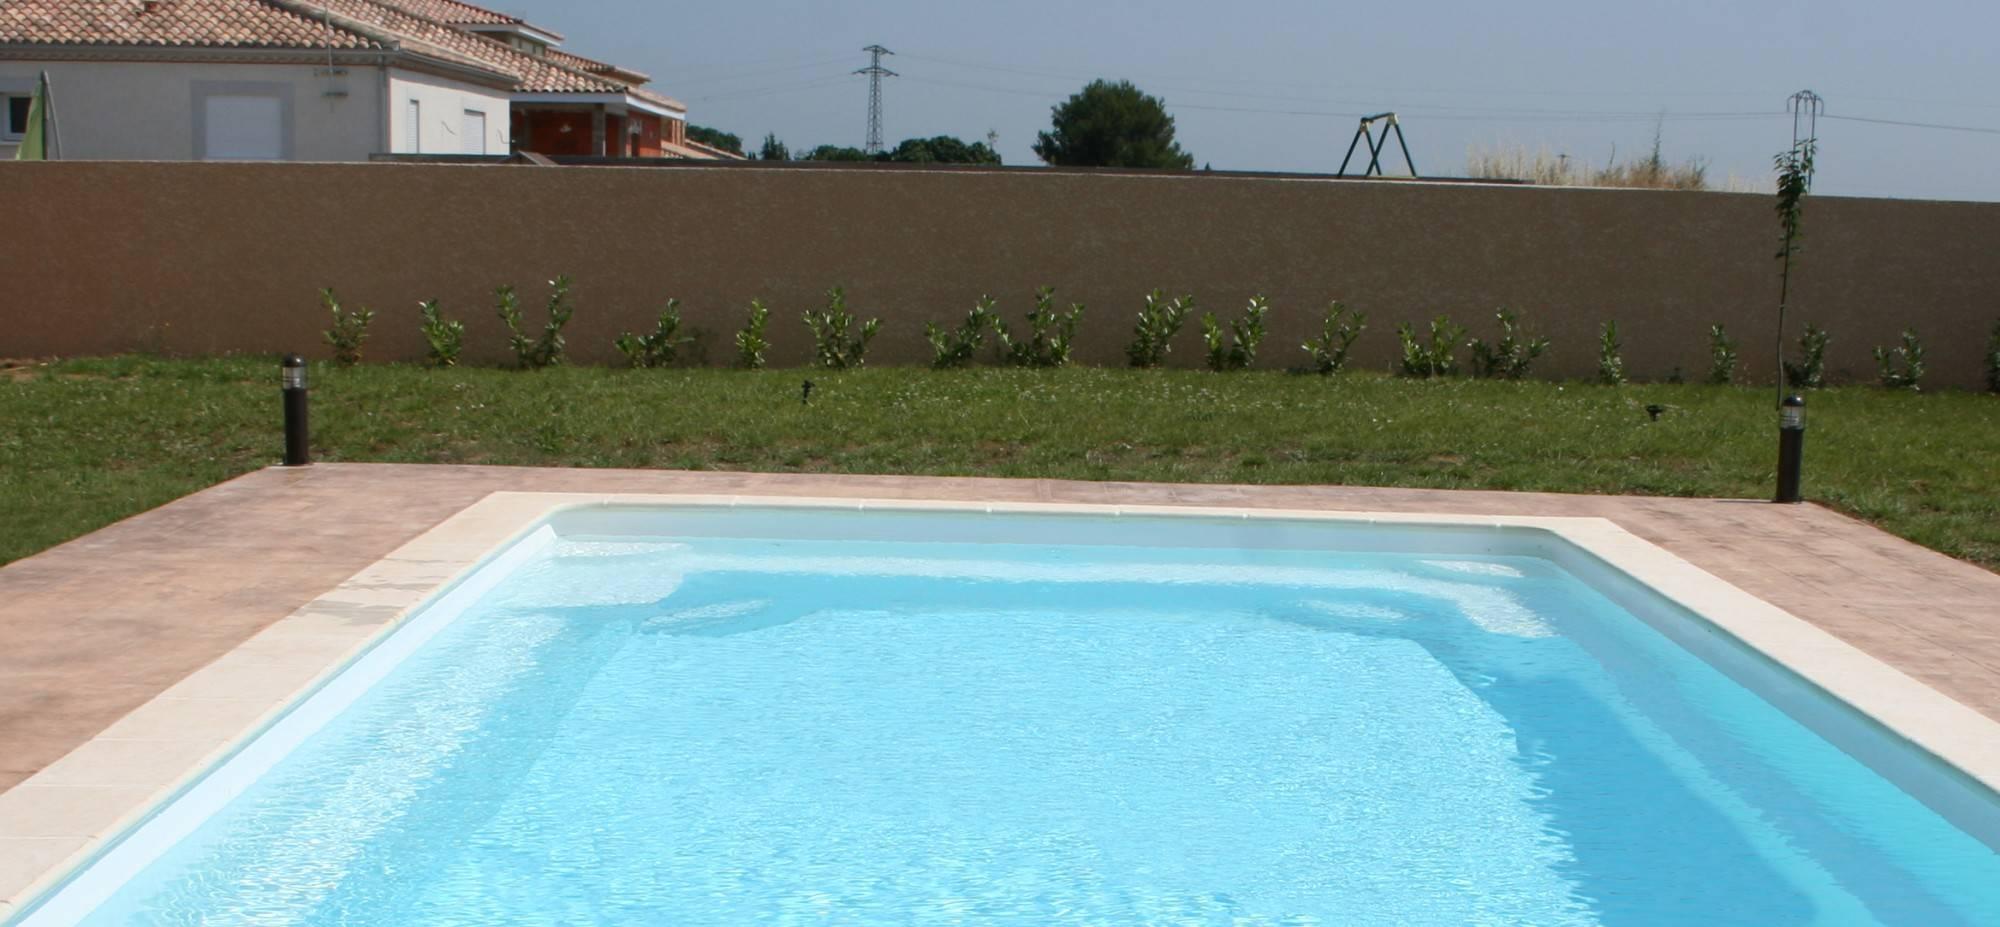 Ferre piscines piscine avec toboggan ile de france ferre for Piscine ile de france avec toboggan